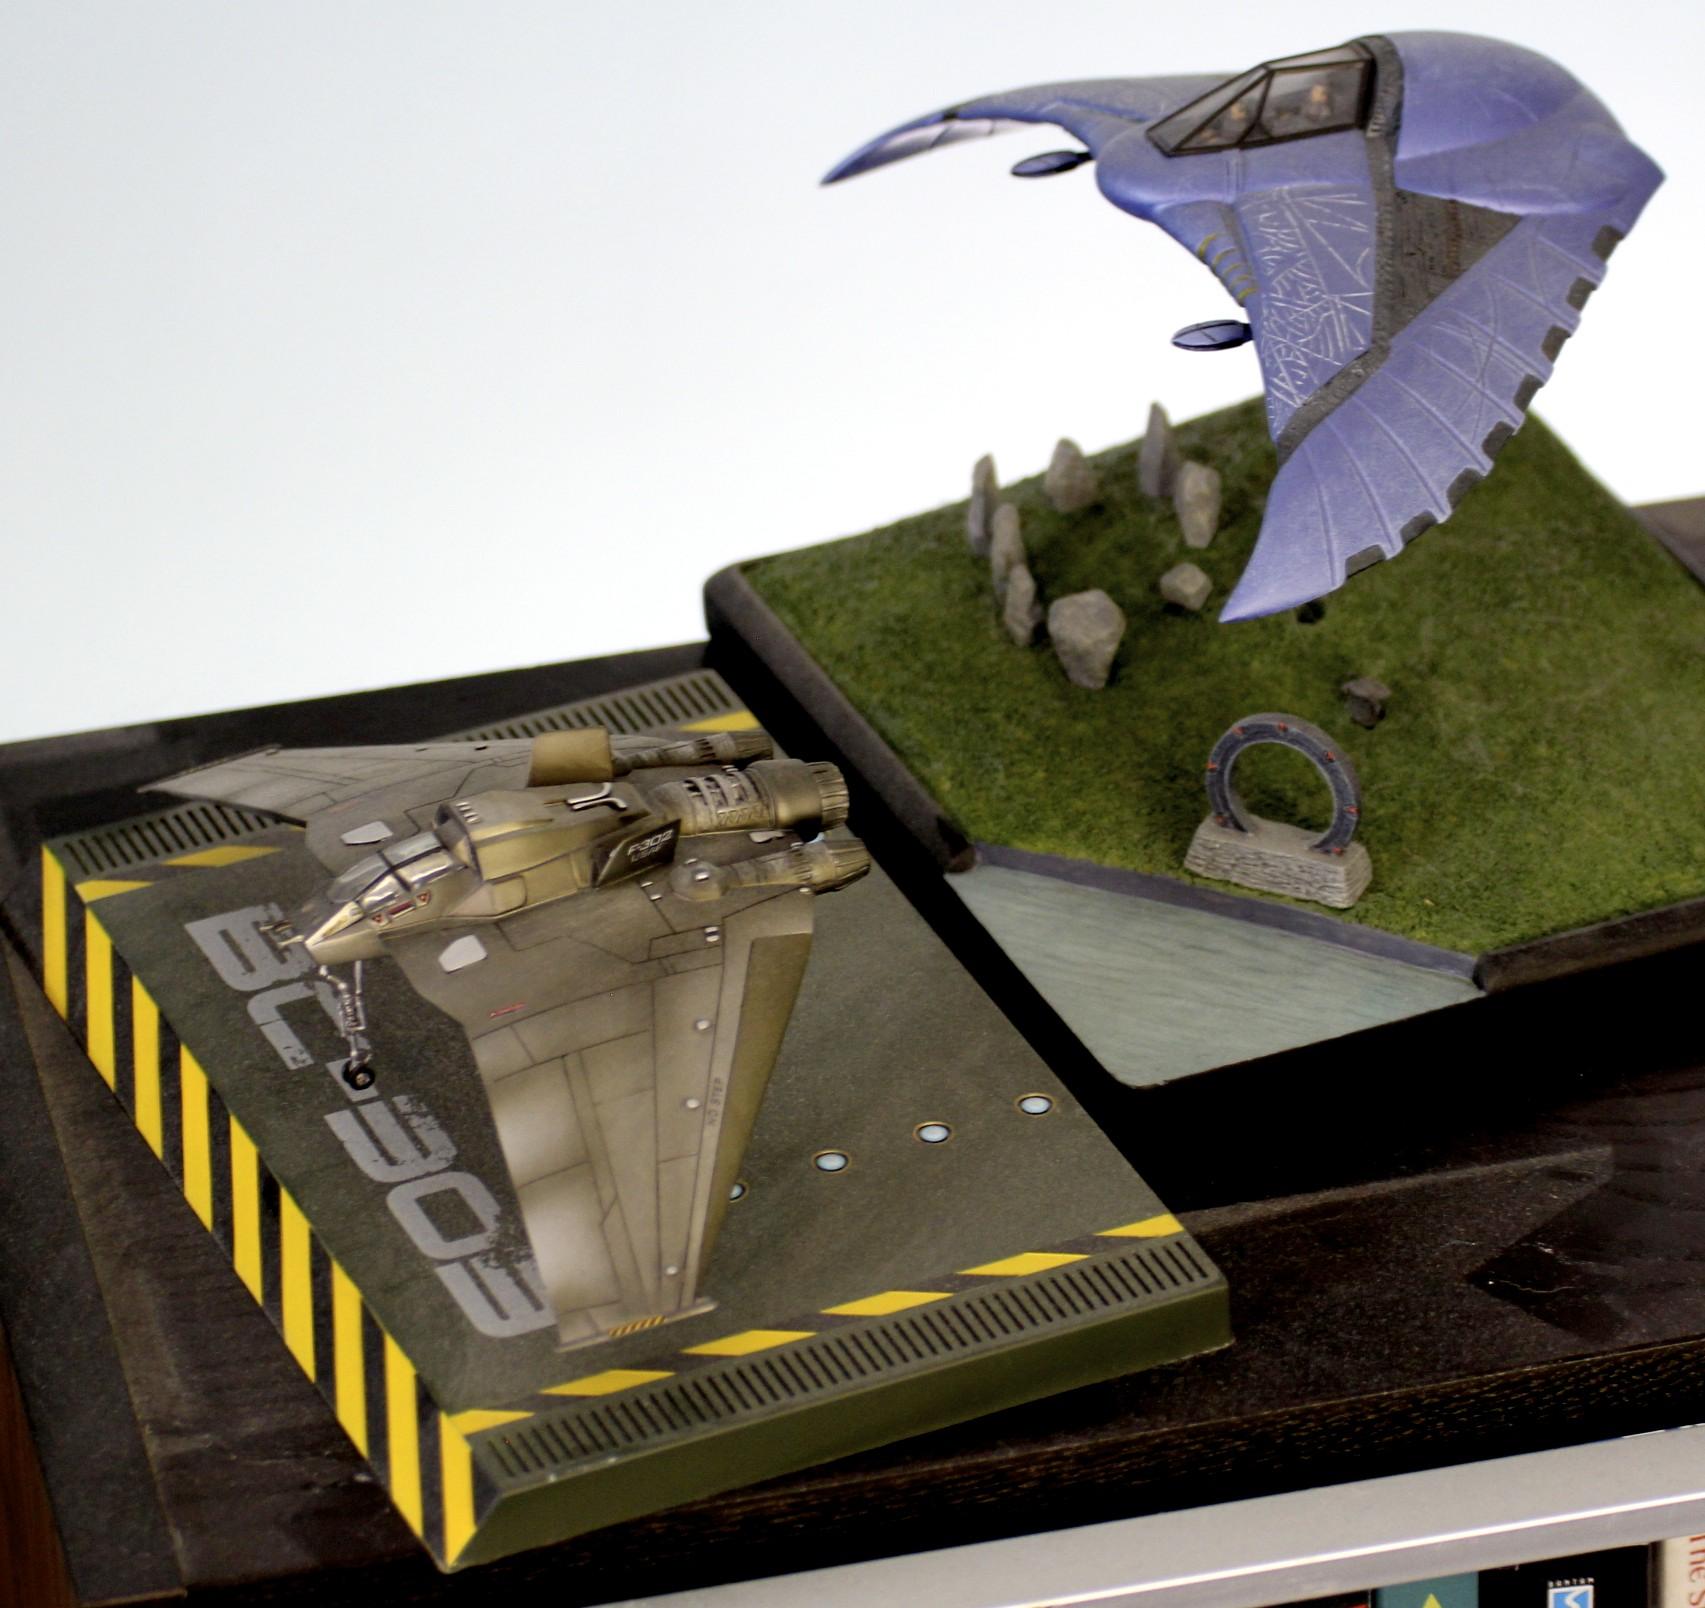 Stargate: SG-1  F-302 and Death Glider